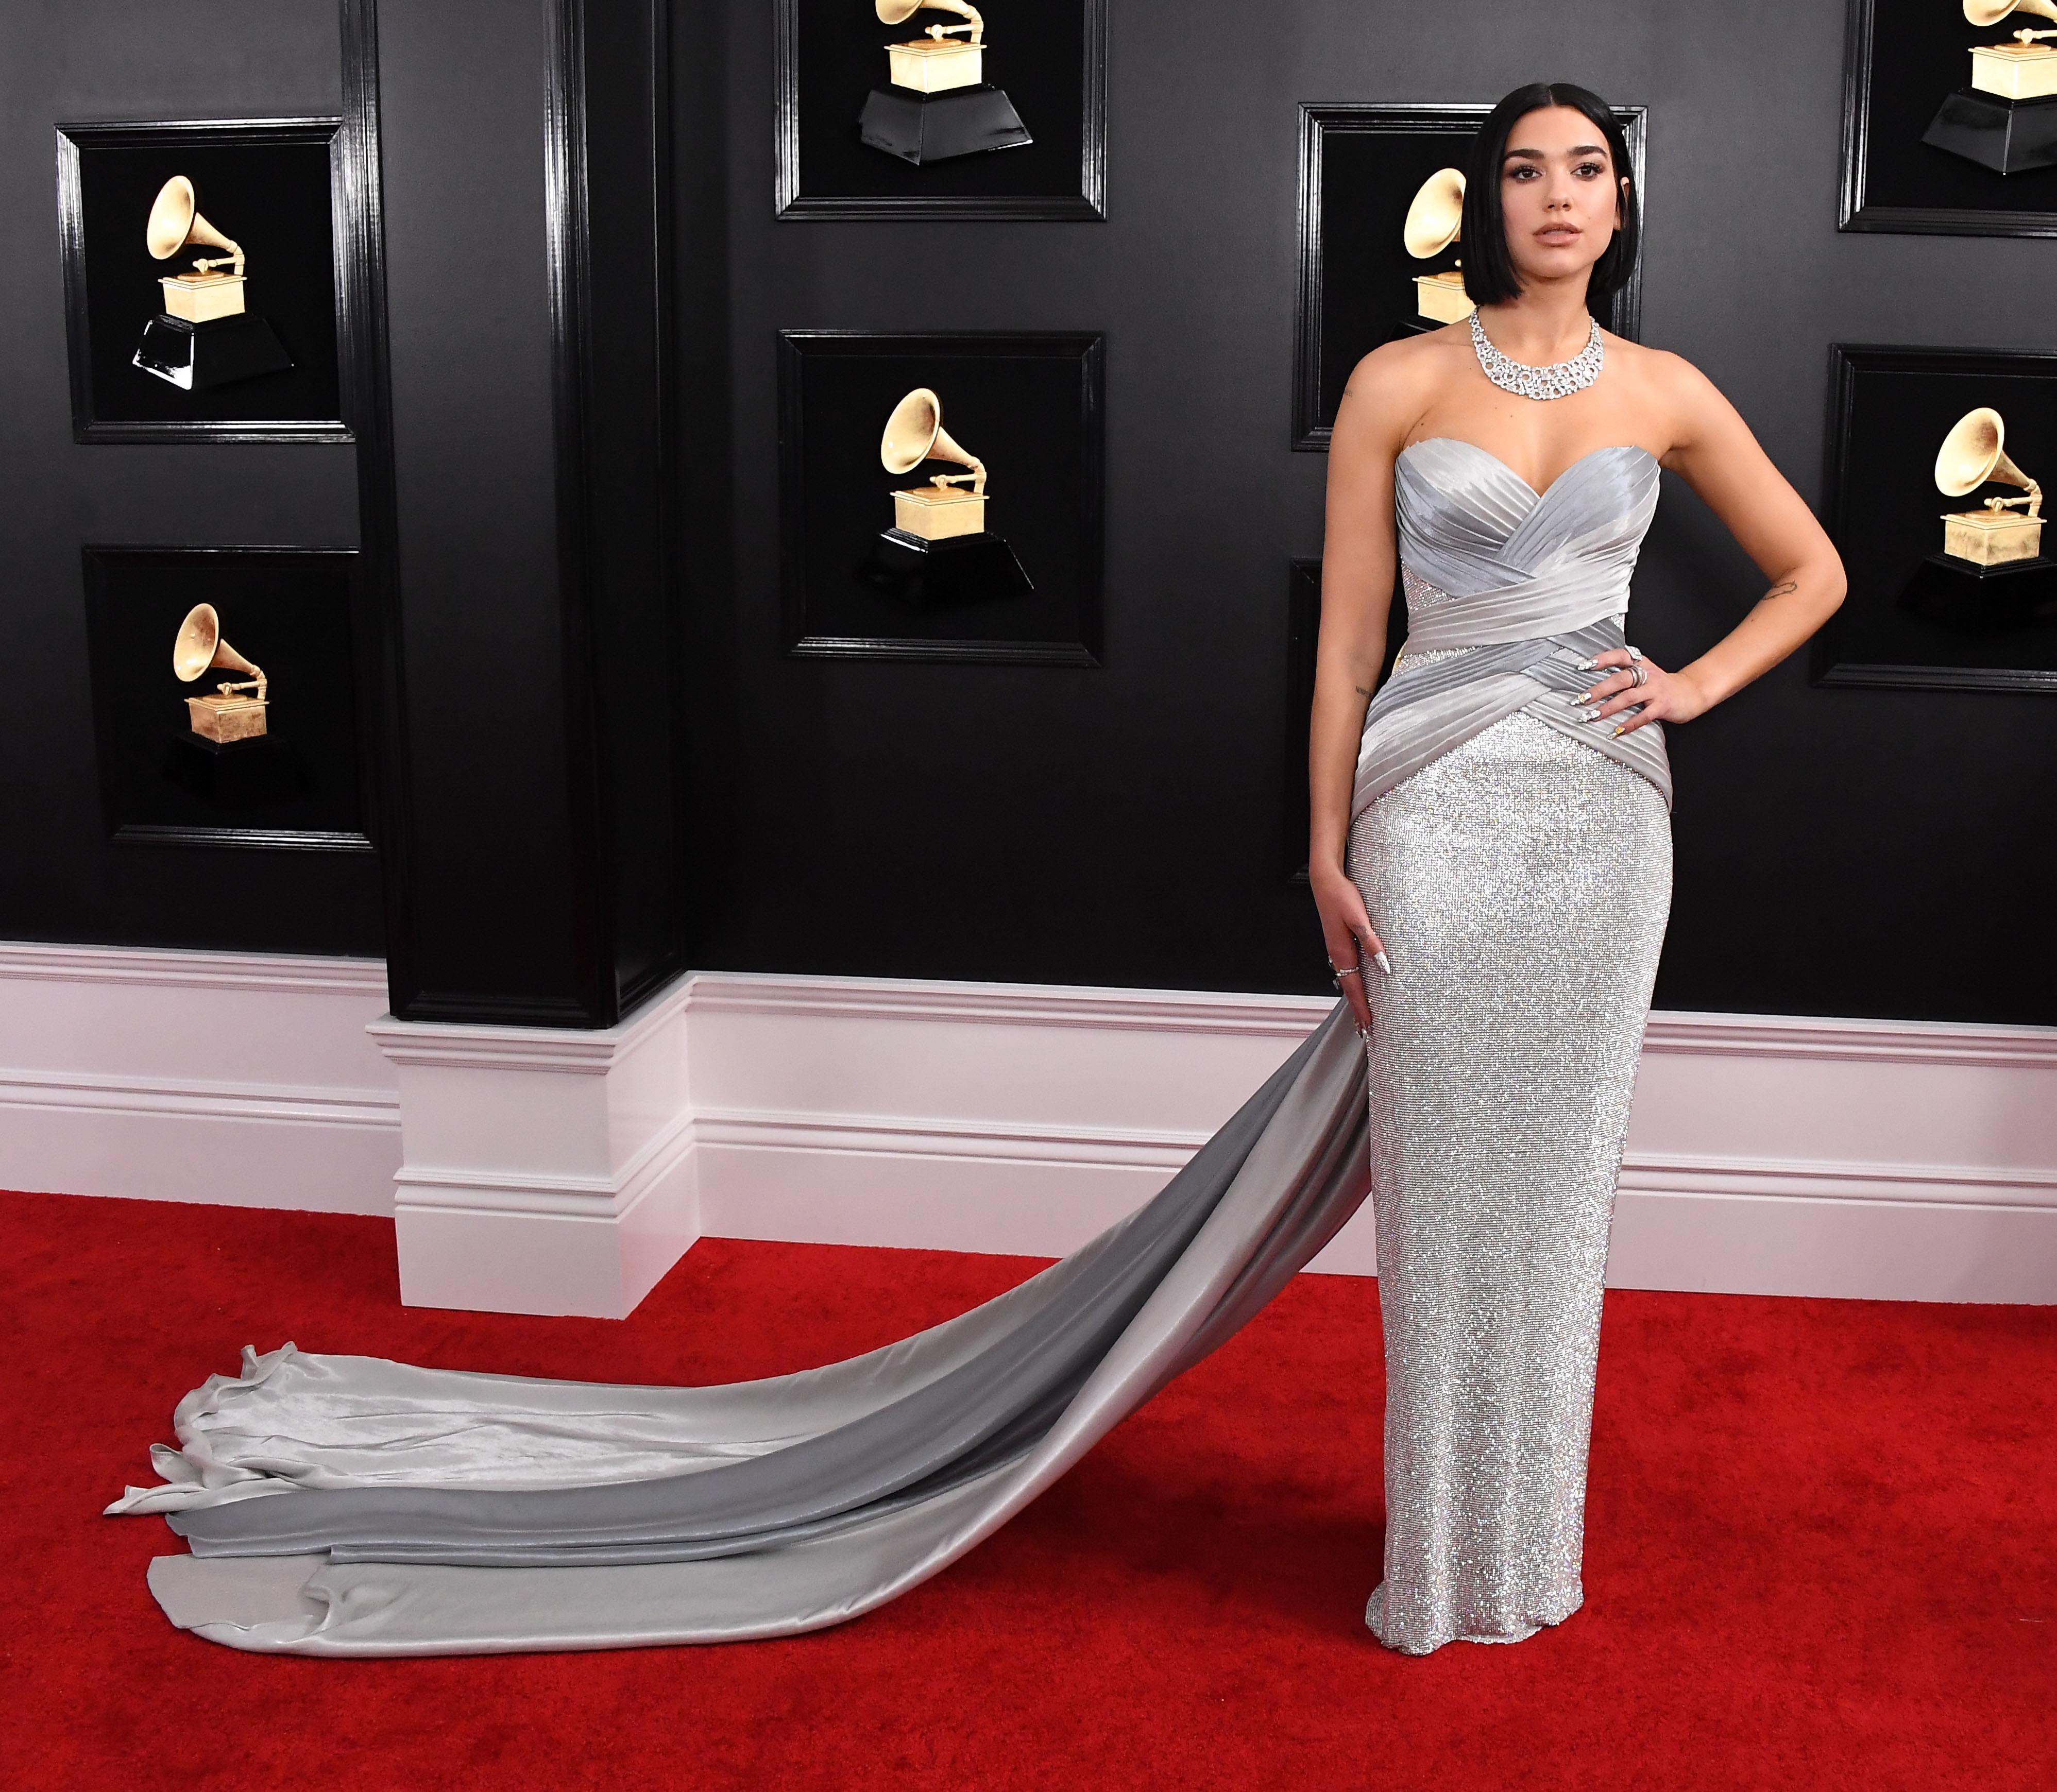 Look da Dua LIpa no Grammy 2019